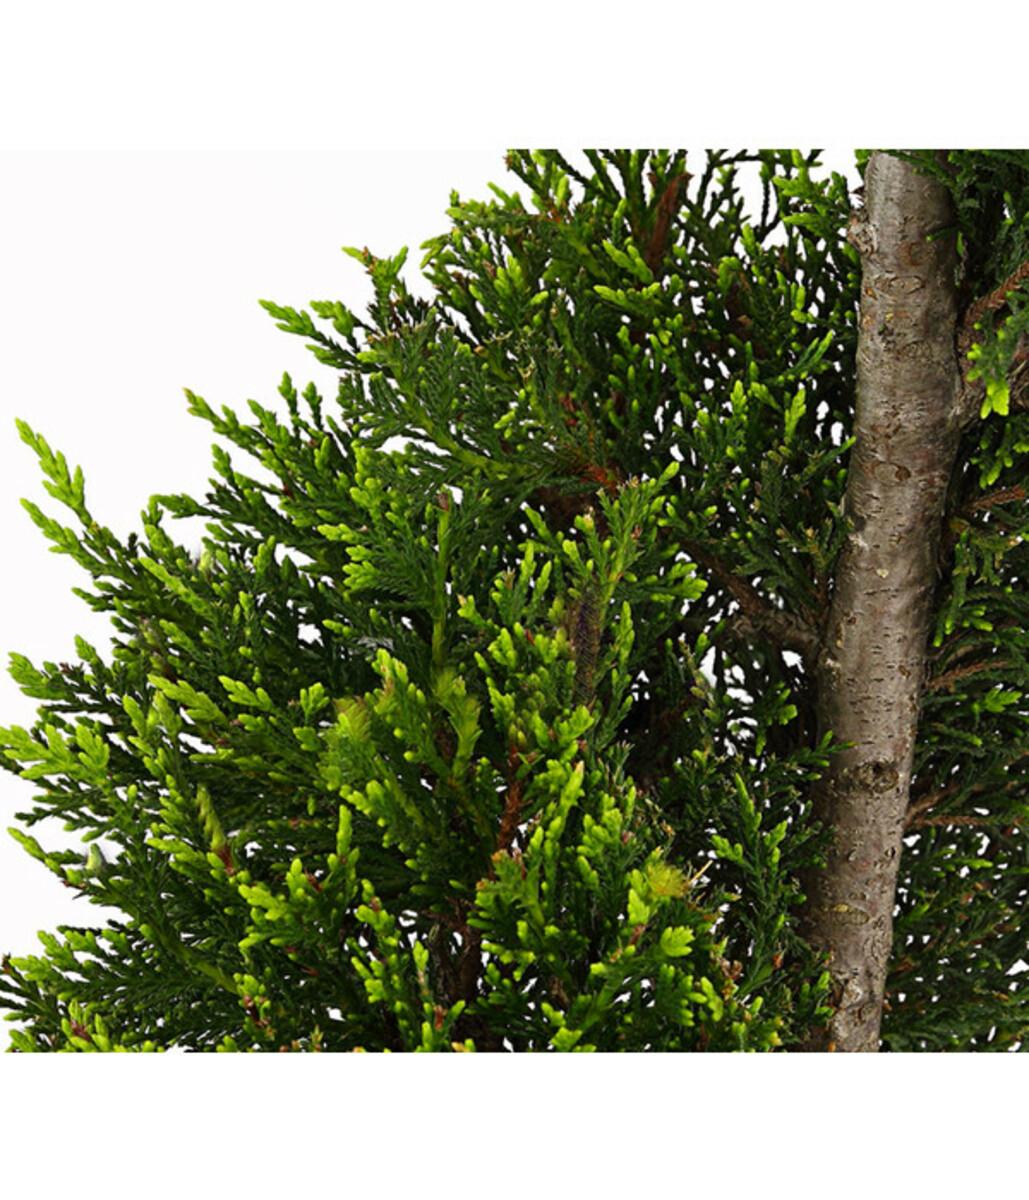 Bild 2 von Leyland-Zypresse, Grüne Baumzypresse 'Castlewellan Gold', Spirale